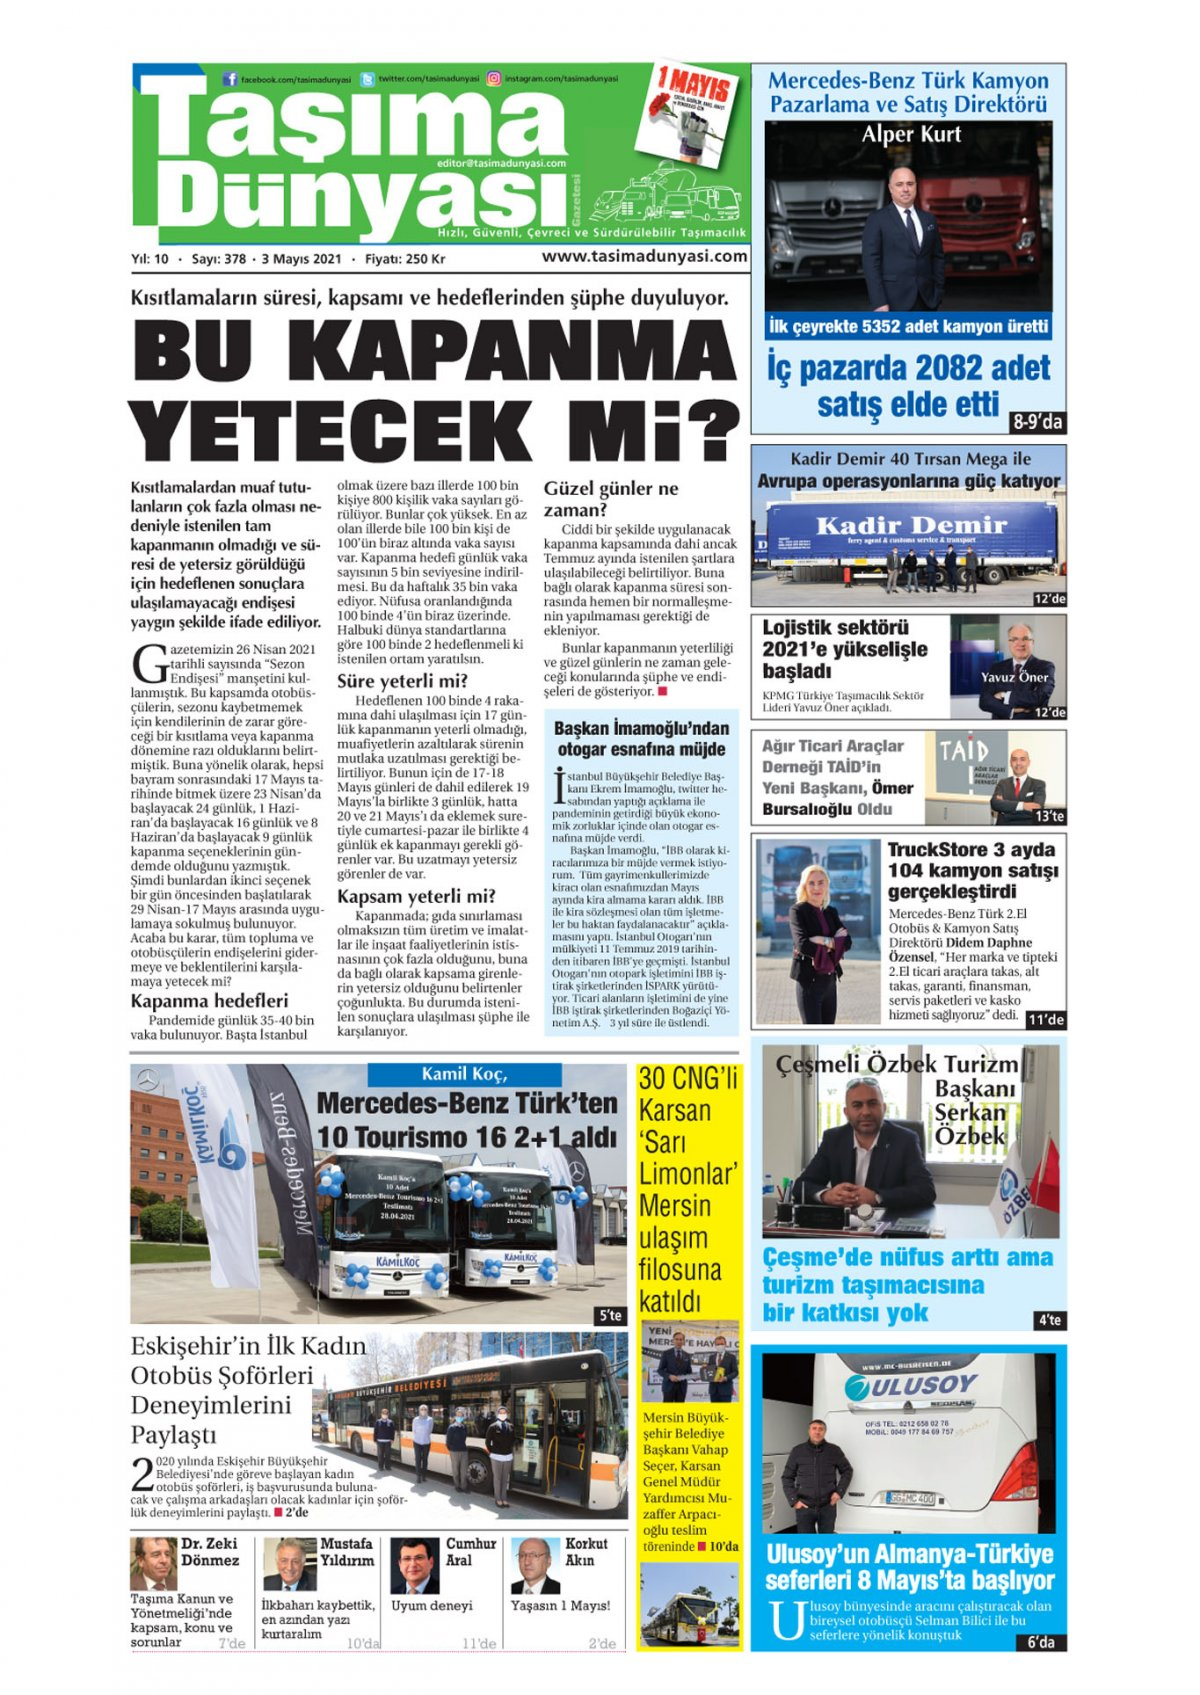 Taşıma Dünyası Gazetesi - 01.05.2021 Manşeti